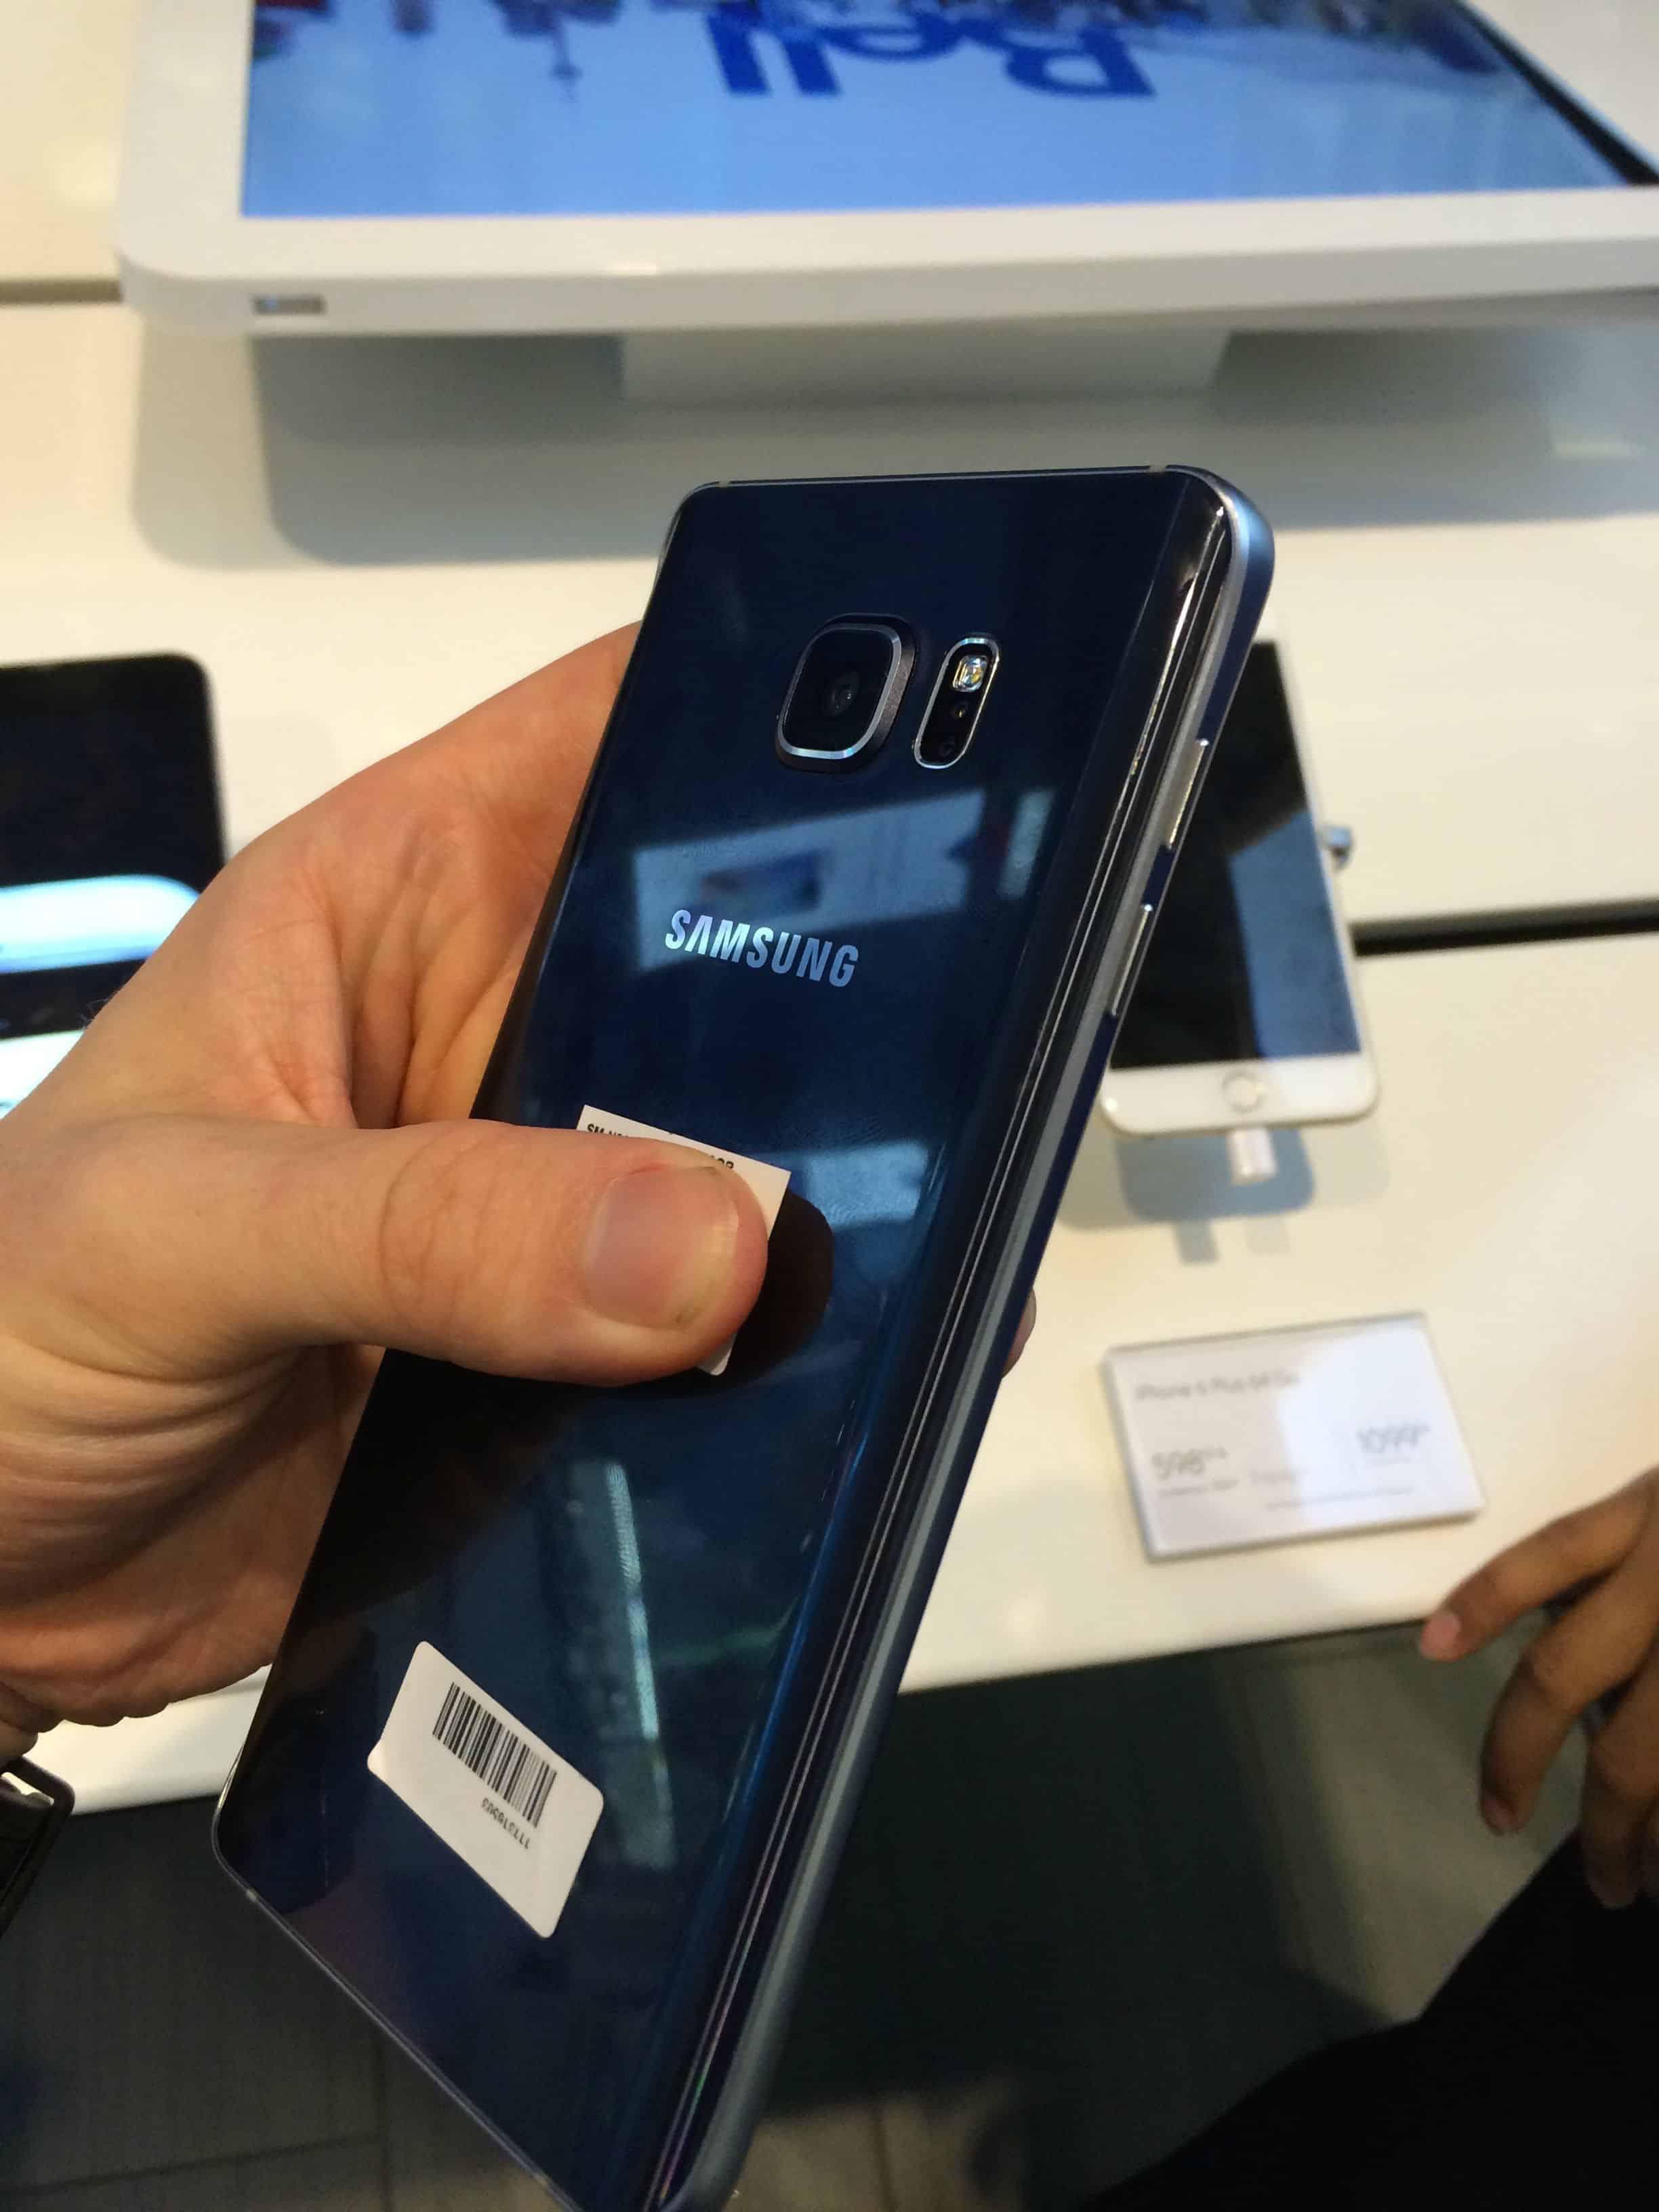 Note 5 S6 edge 2